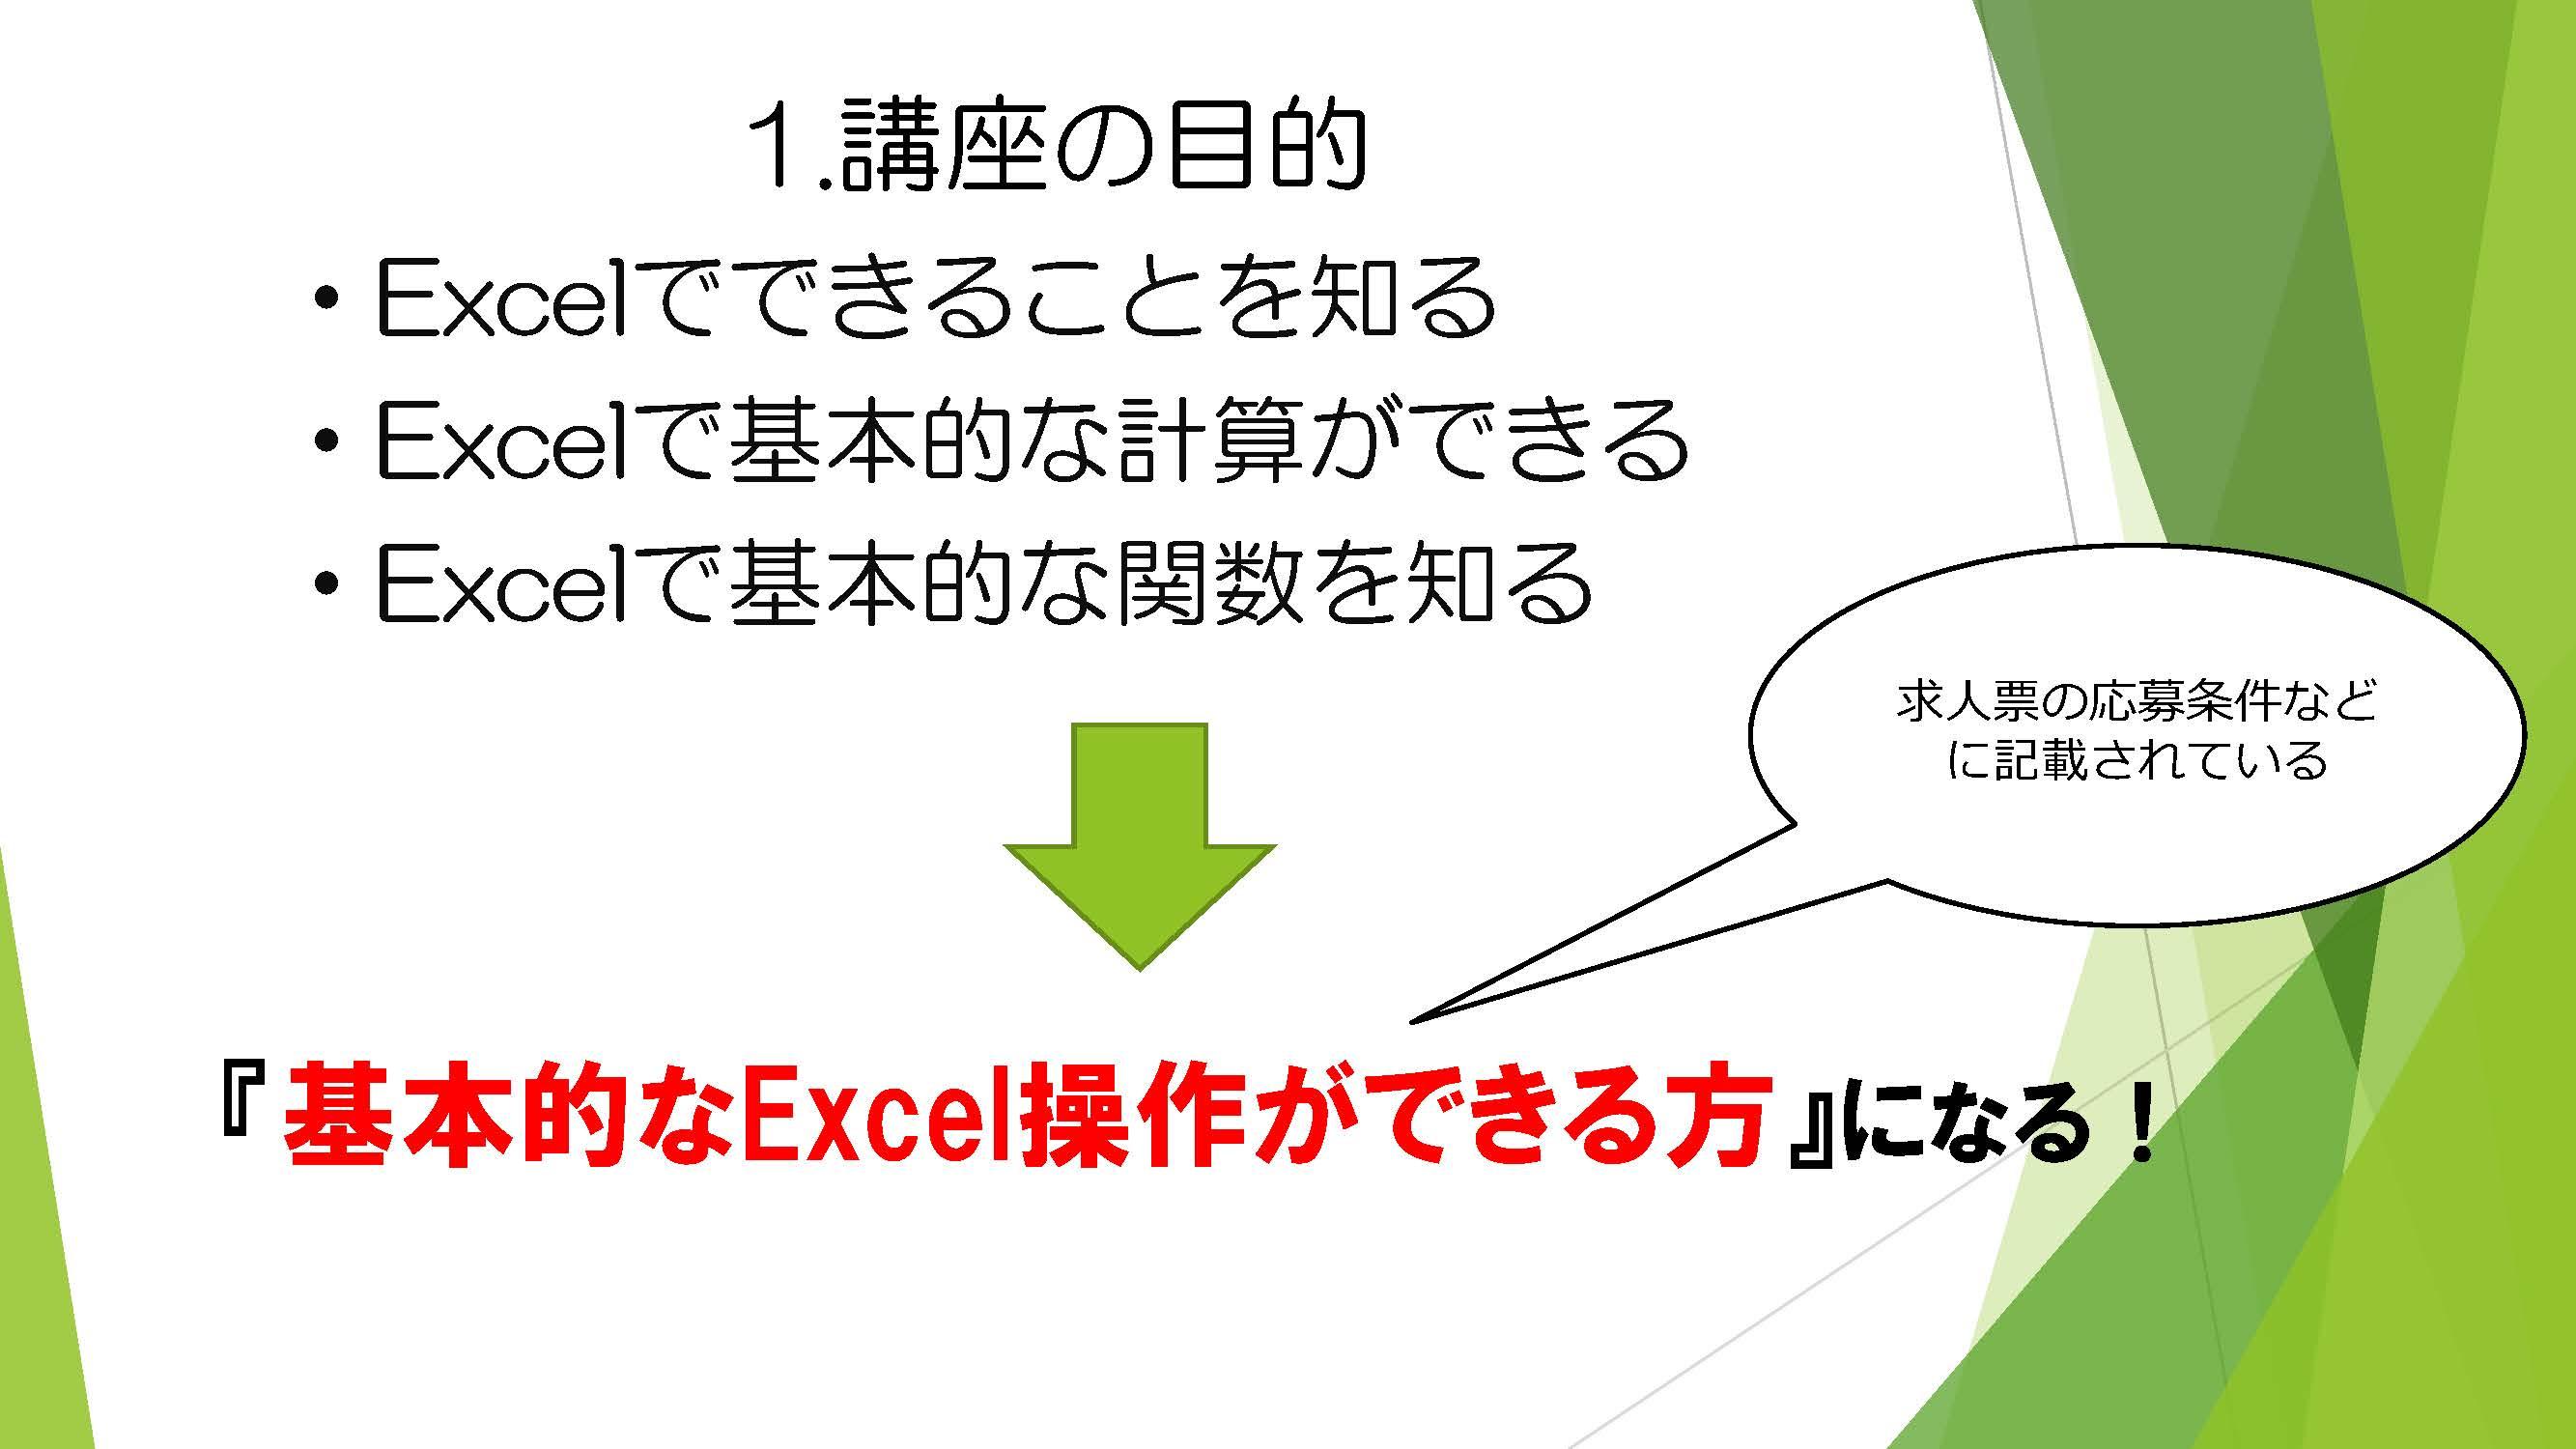 ウェルビー戸塚駅前センターExcel講座blog用